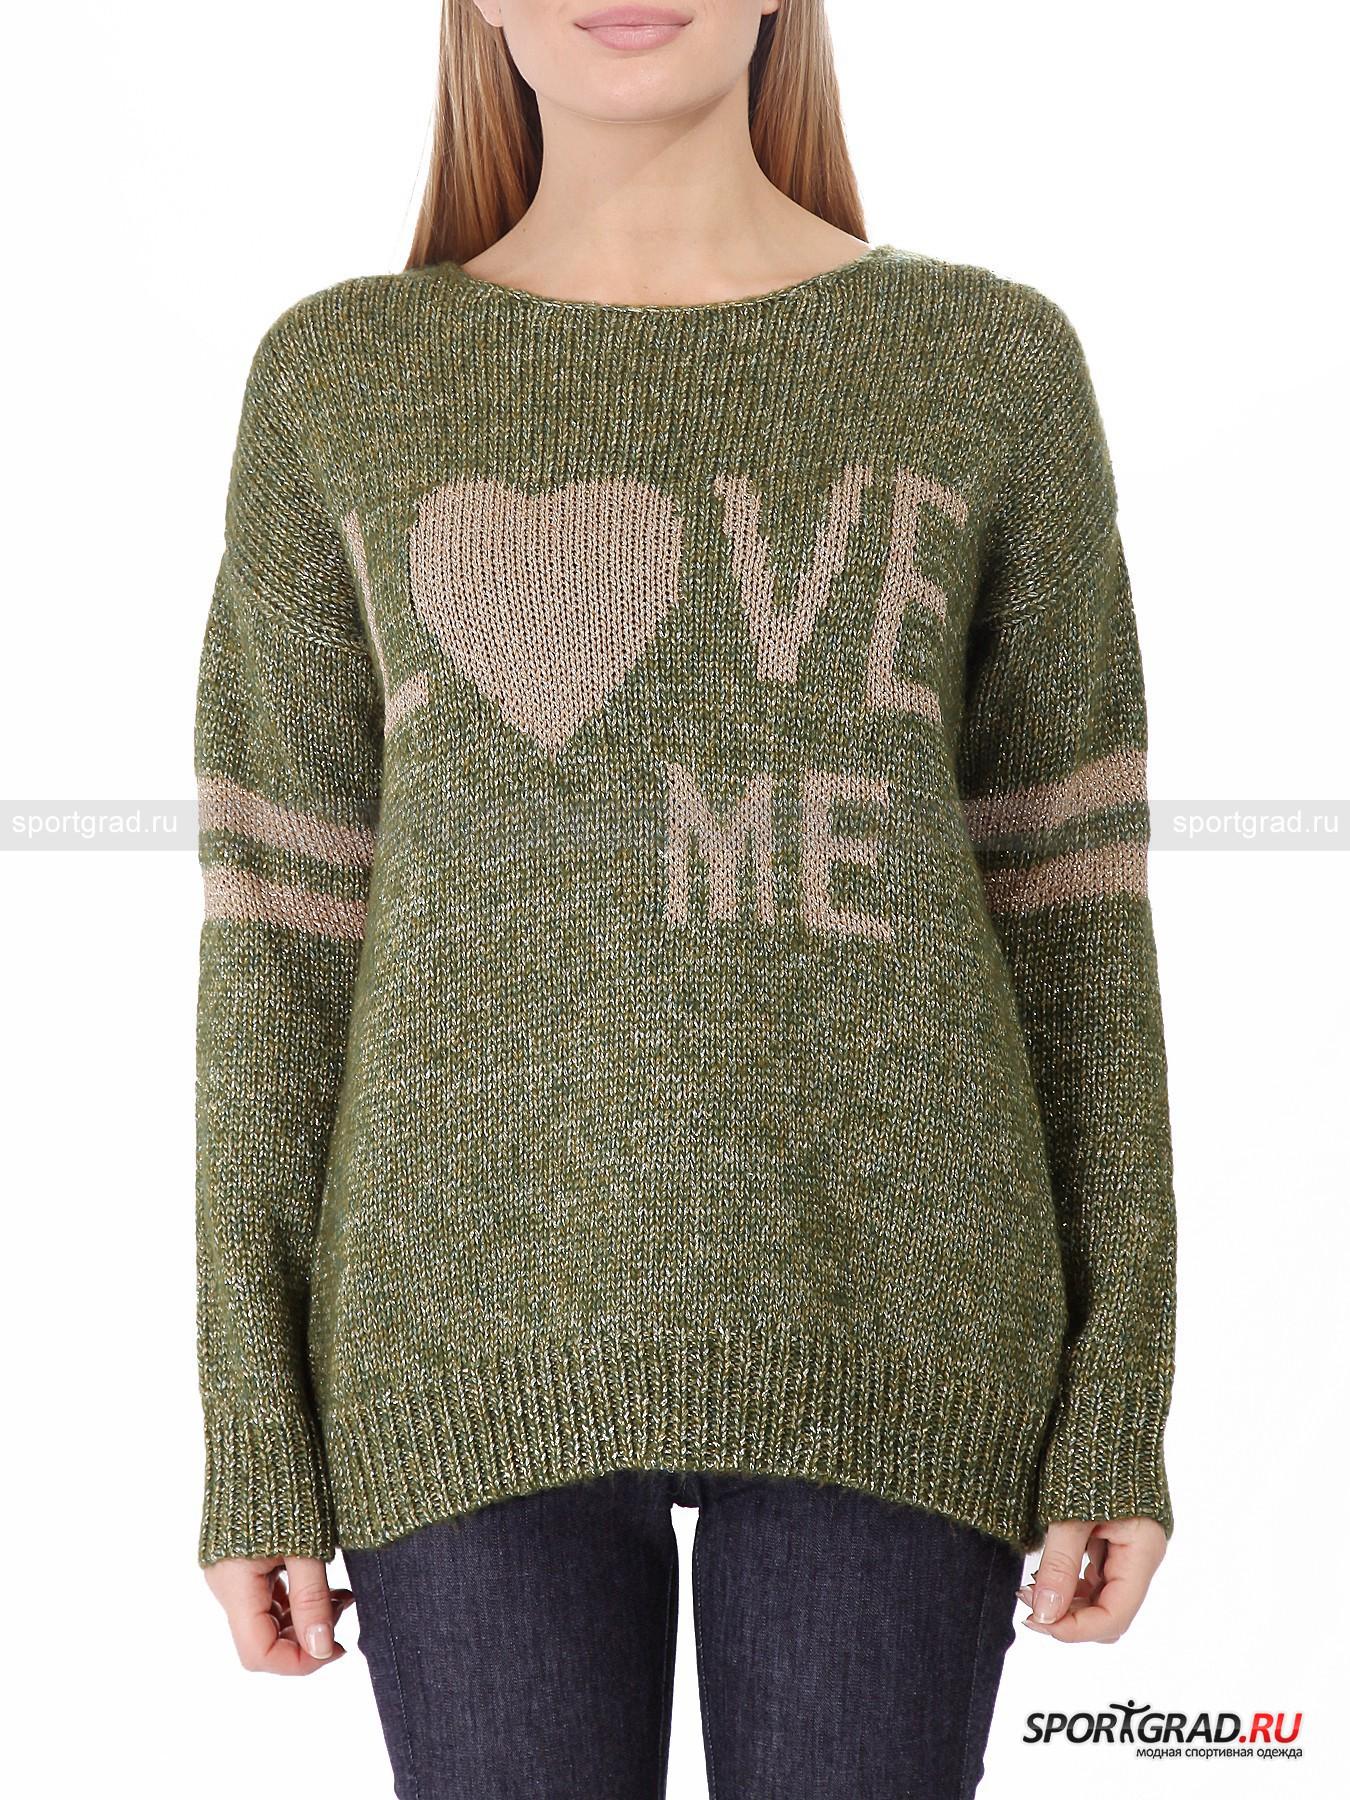 Свитер женский DEHAДжемперы, Свитеры, Пуловеры<br>Объемный свитер – самая удобная одежда для осени и зимы, а в этом сезоне еще и супермодная. Когда за окном холод, ветер и слякоть, так приятно закутаться в мягкое теплое вязаное полотно, а в свитере от Deha вы при этом еще и выглядеть будете потрясающе.<br><br>Модель, представленная на этой странице, нисколько не колется и не раздражает кожу. Широкая длинная вещь садится свободно, комфортно обнимая тело. Блестящая поверхность выглядит броско и эффектно, но в то же время спокойно и не вульгарно. Отличный свитер для девушек, которые действительно любят себя, как и гласит надпись спереди.<br><br>Пол: Женский<br>Возраст: Взрослый<br>Тип: Джемперы, Свитеры, Пуловеры<br>Рекомендации по уходу: не стирать; не отбеливать; гладить слегка нагретым утюгом (температура до 110 C); только сухая чистка; нельзя выжимать и сушить в стиральной машине<br>Состав: 1)45% шерсть, 55% полиэстер 2) 60% акрил, 40% полиэстер